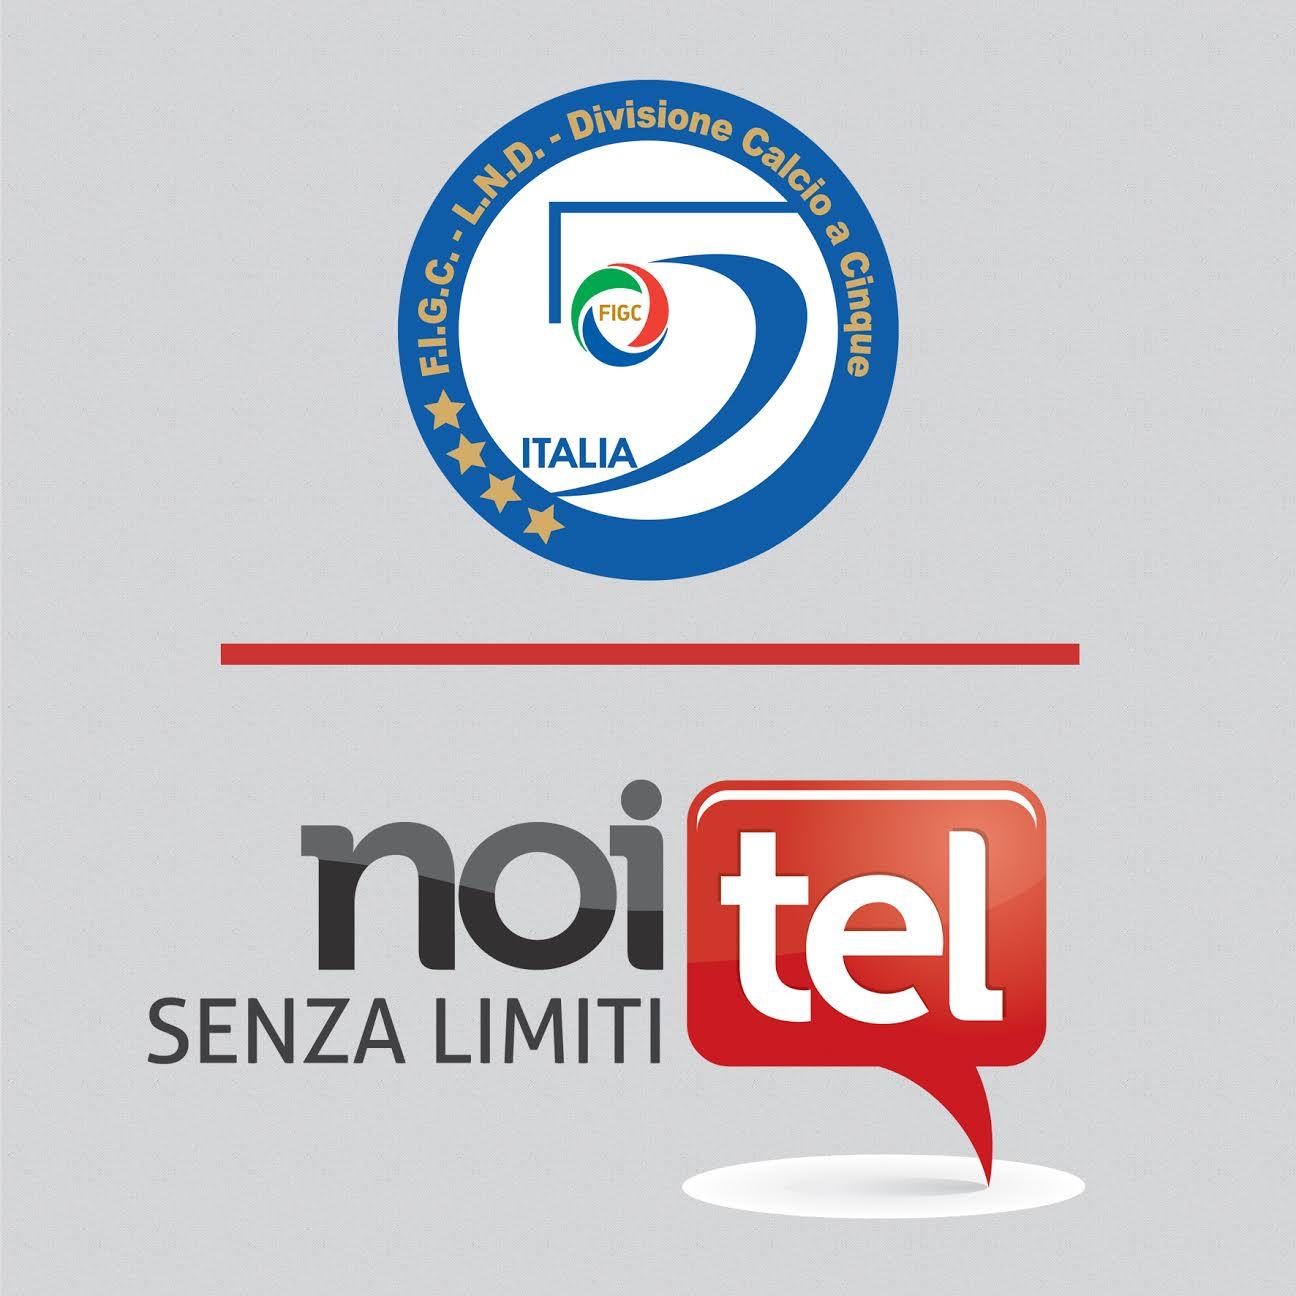 Noitel-Italia